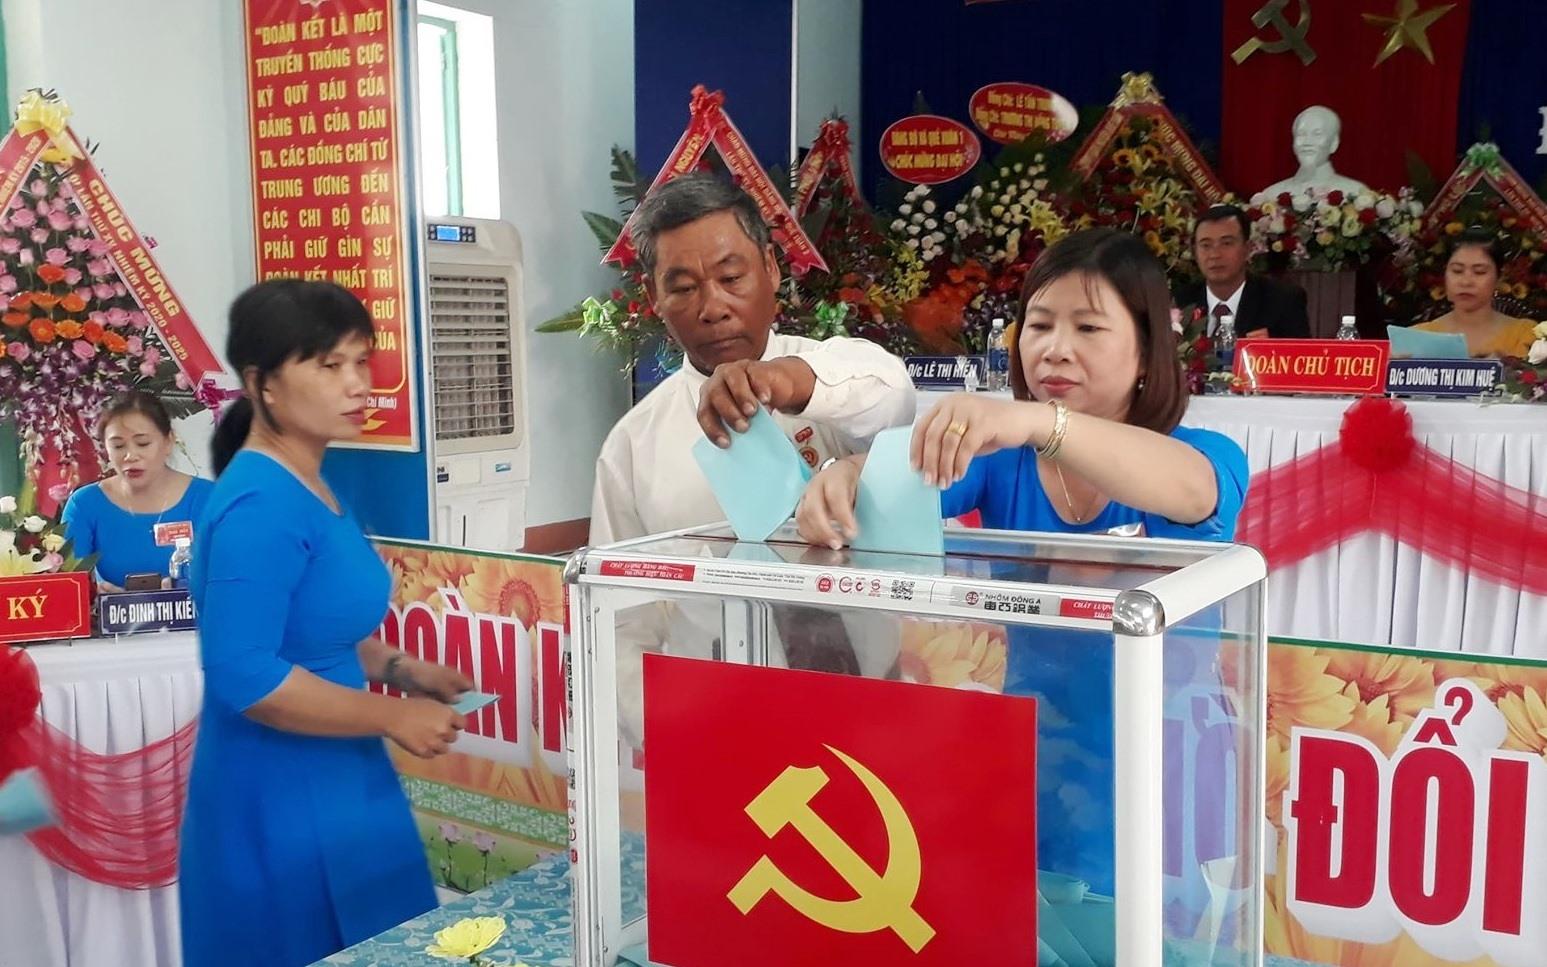 Đại biểu bỏ phiếu bầu Ban Chấp hành Đảng bộ xã Quế Xuân 2 khóa XV. ảnh DT